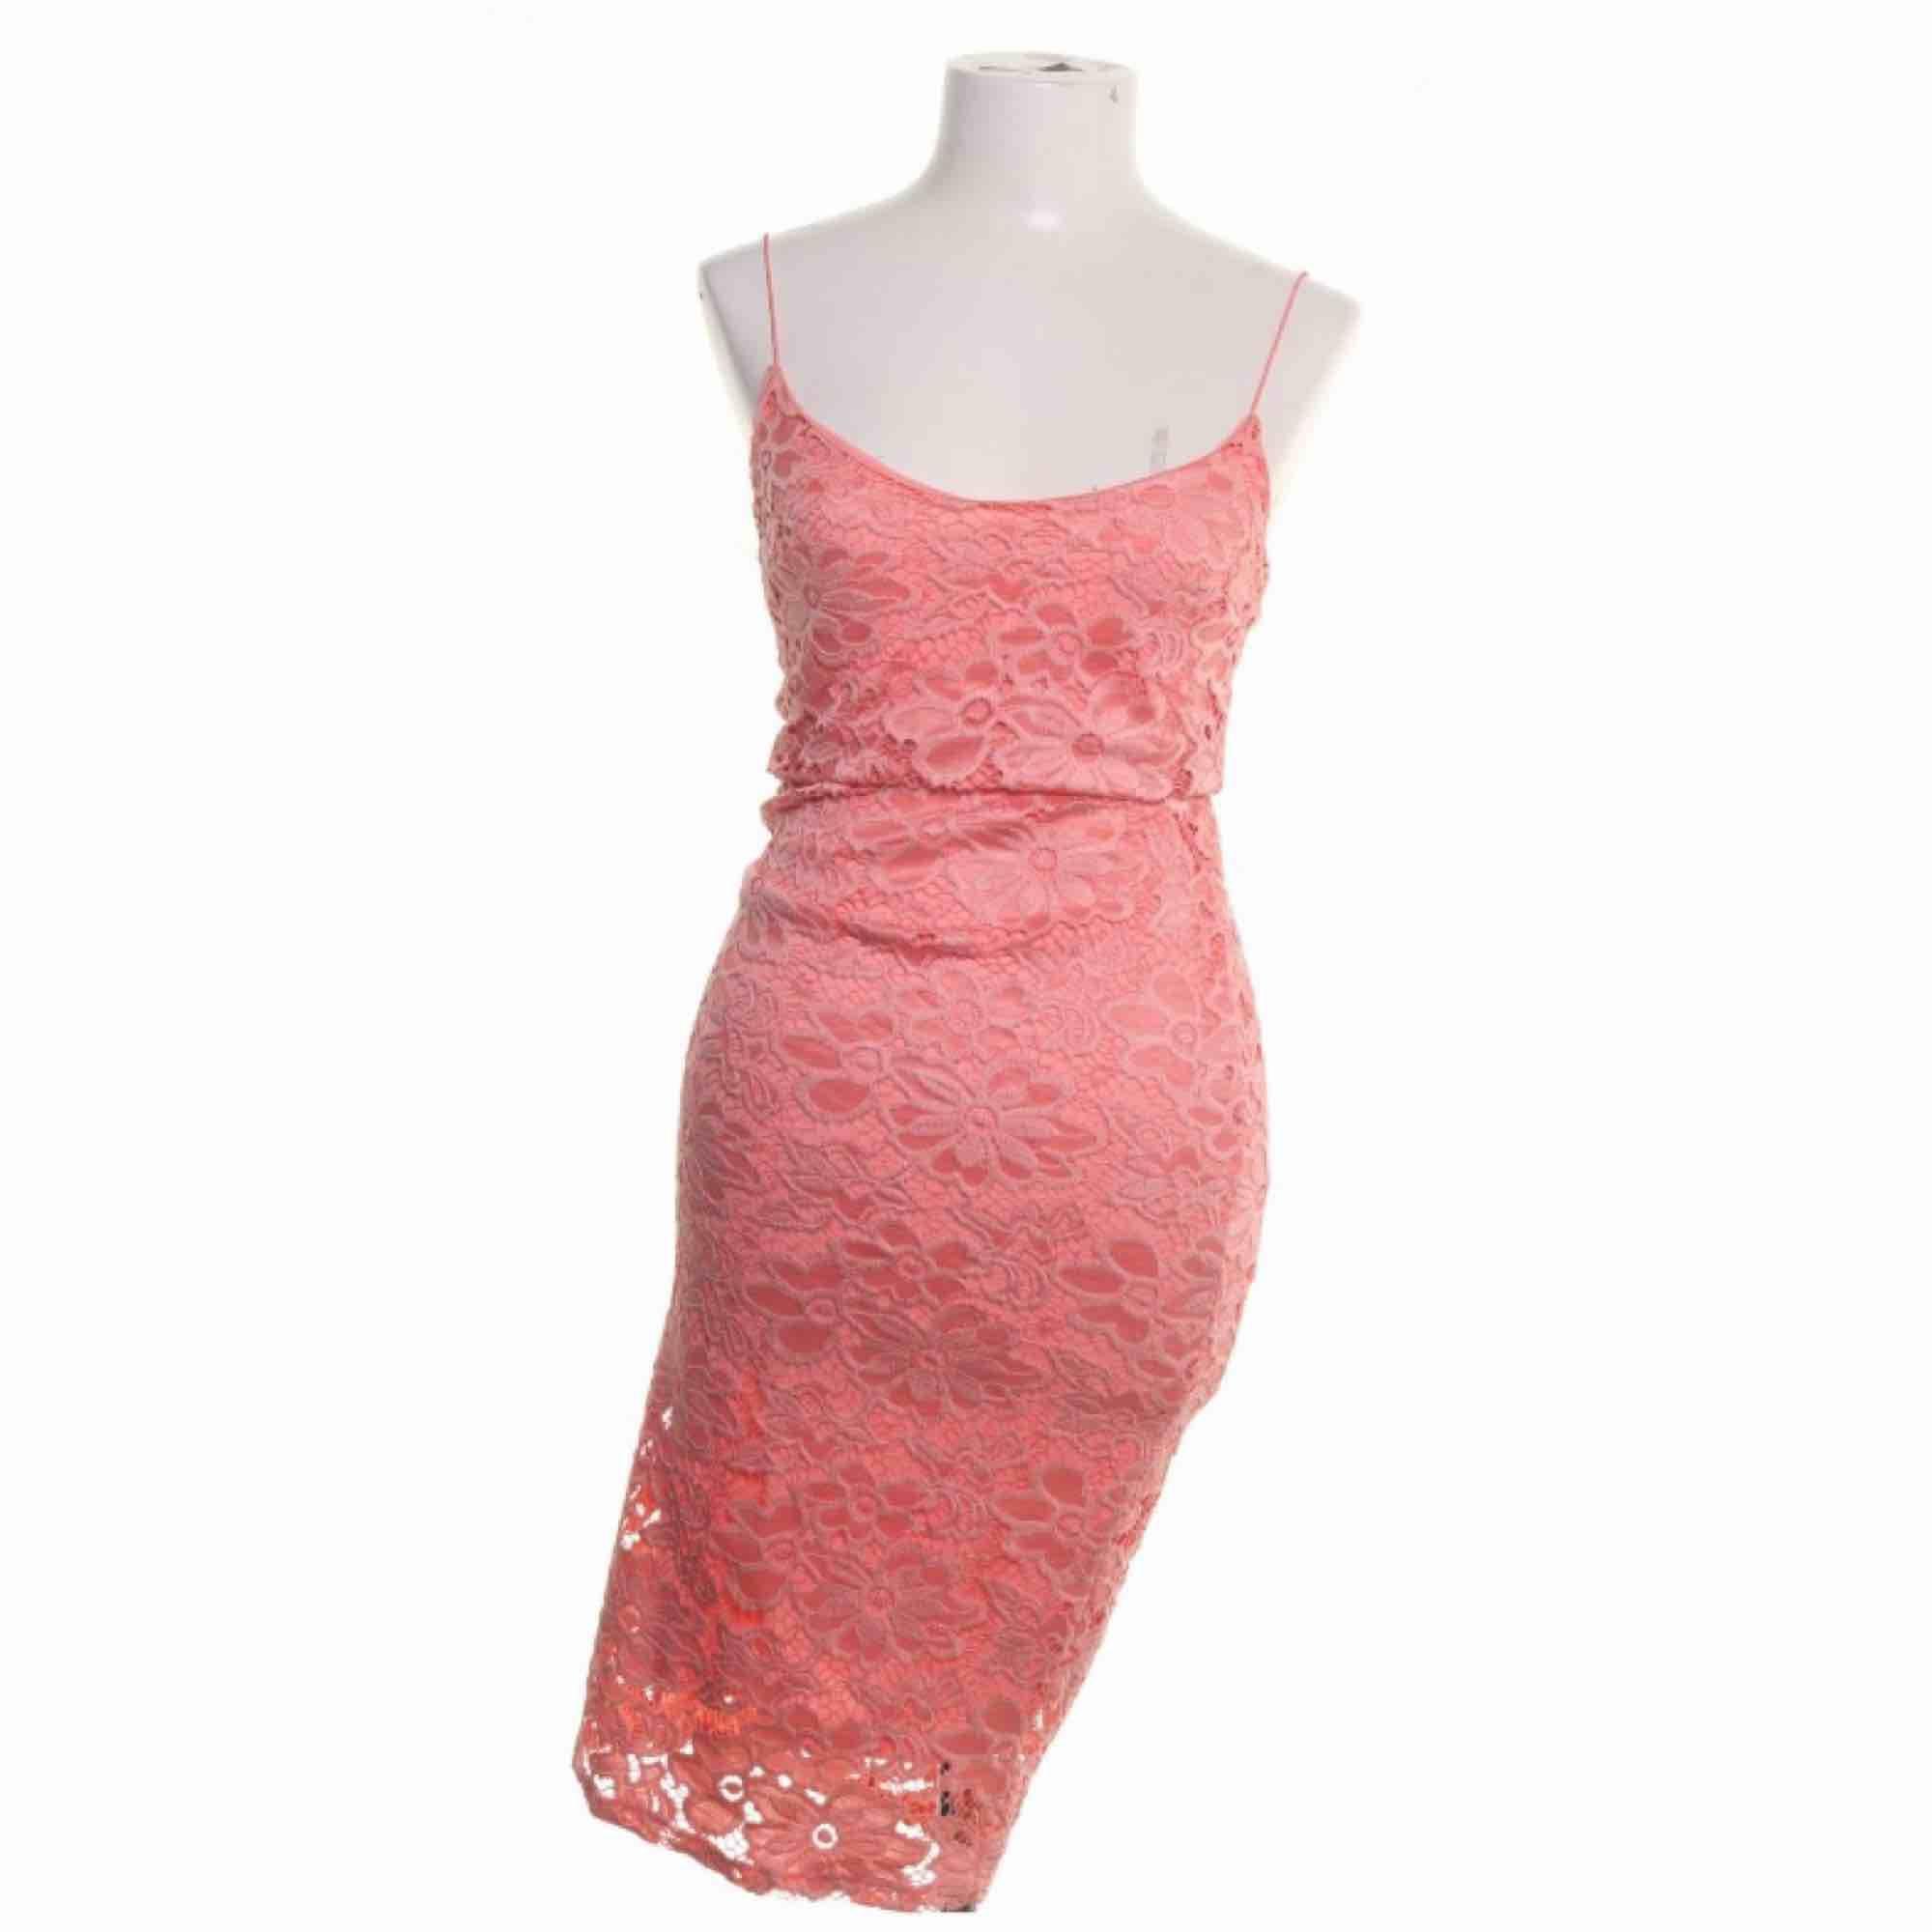 Rosa Maxi klänning från river island storlek 36 i fint skick.  Möts upp i Stockholm eller fraktar.  Frakt kostar 59kr extra, postar med videobevis/bildbevis. Jag garanterar en snabb pålitlig affär!✨. Klänningar.